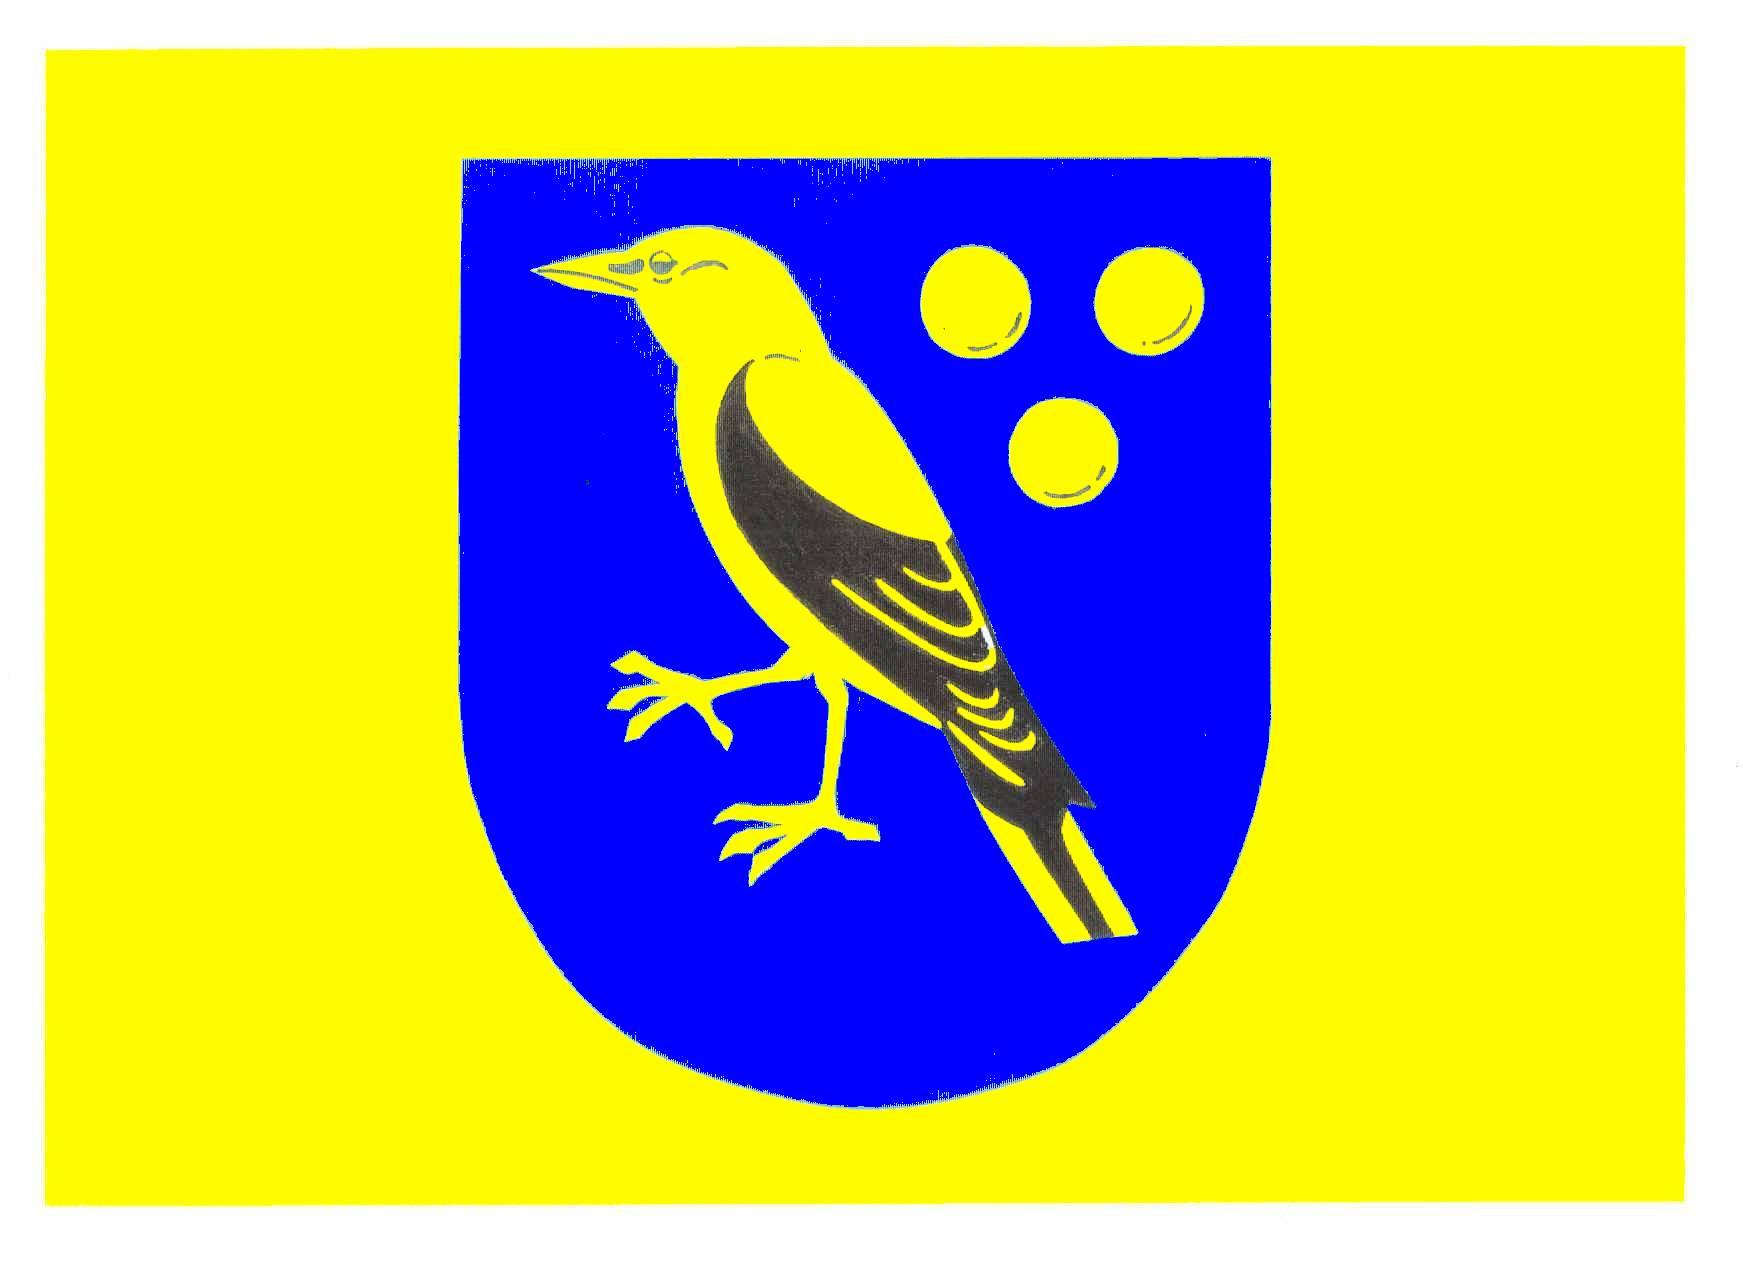 Flagge GemeindeGöttin, Kreis Herzogtum Lauenburg